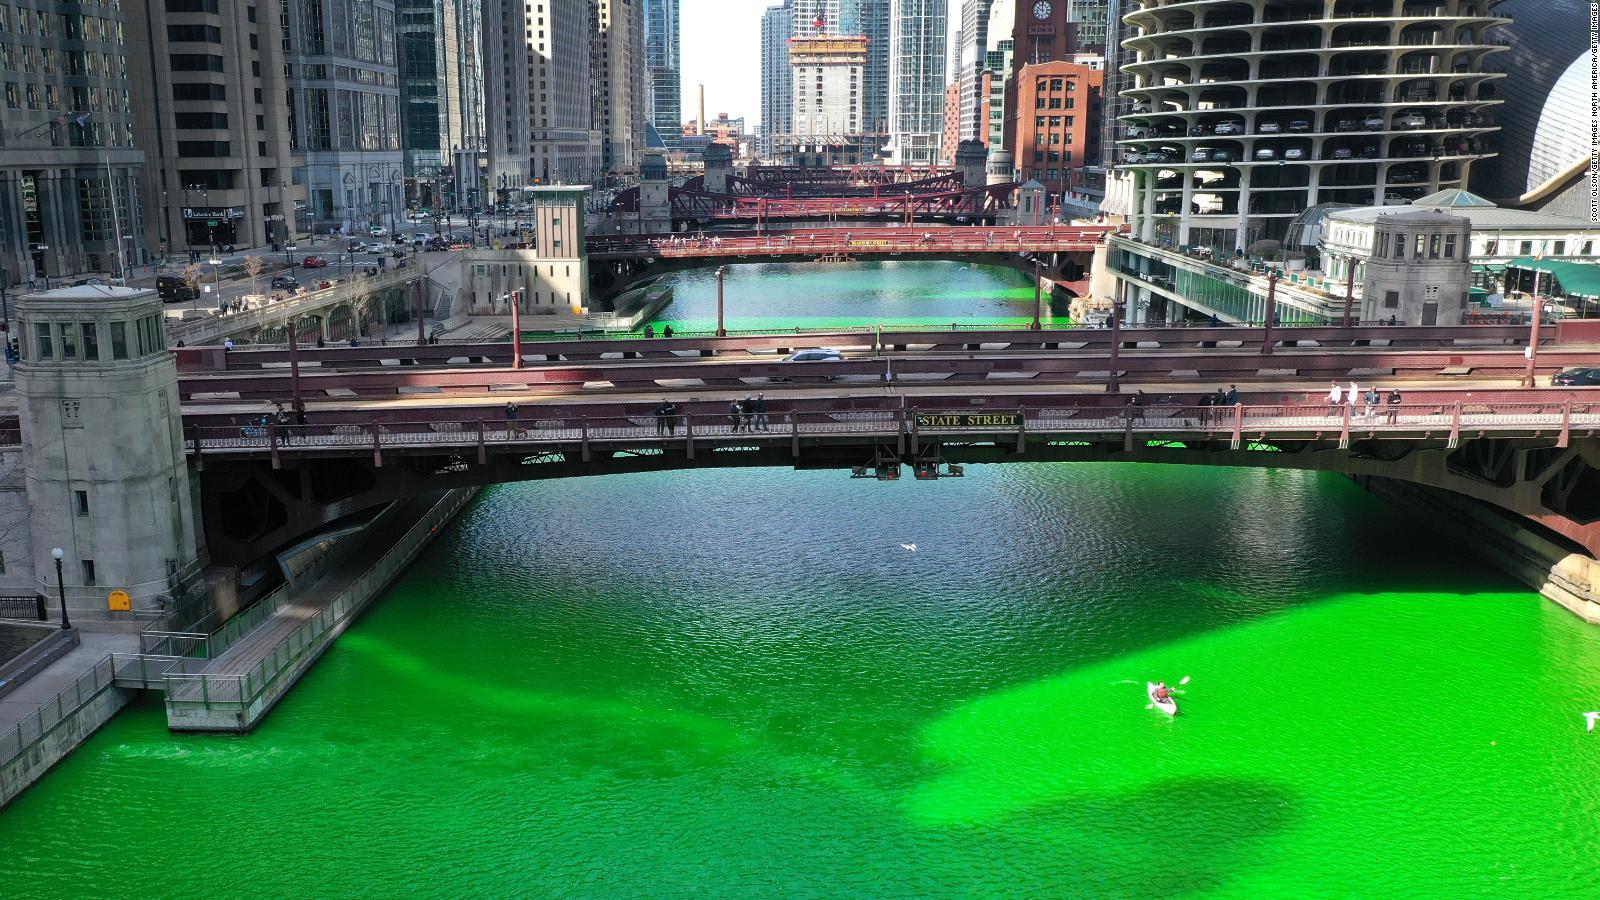 Mira el río verde en Chicago por el Día de San Patricio